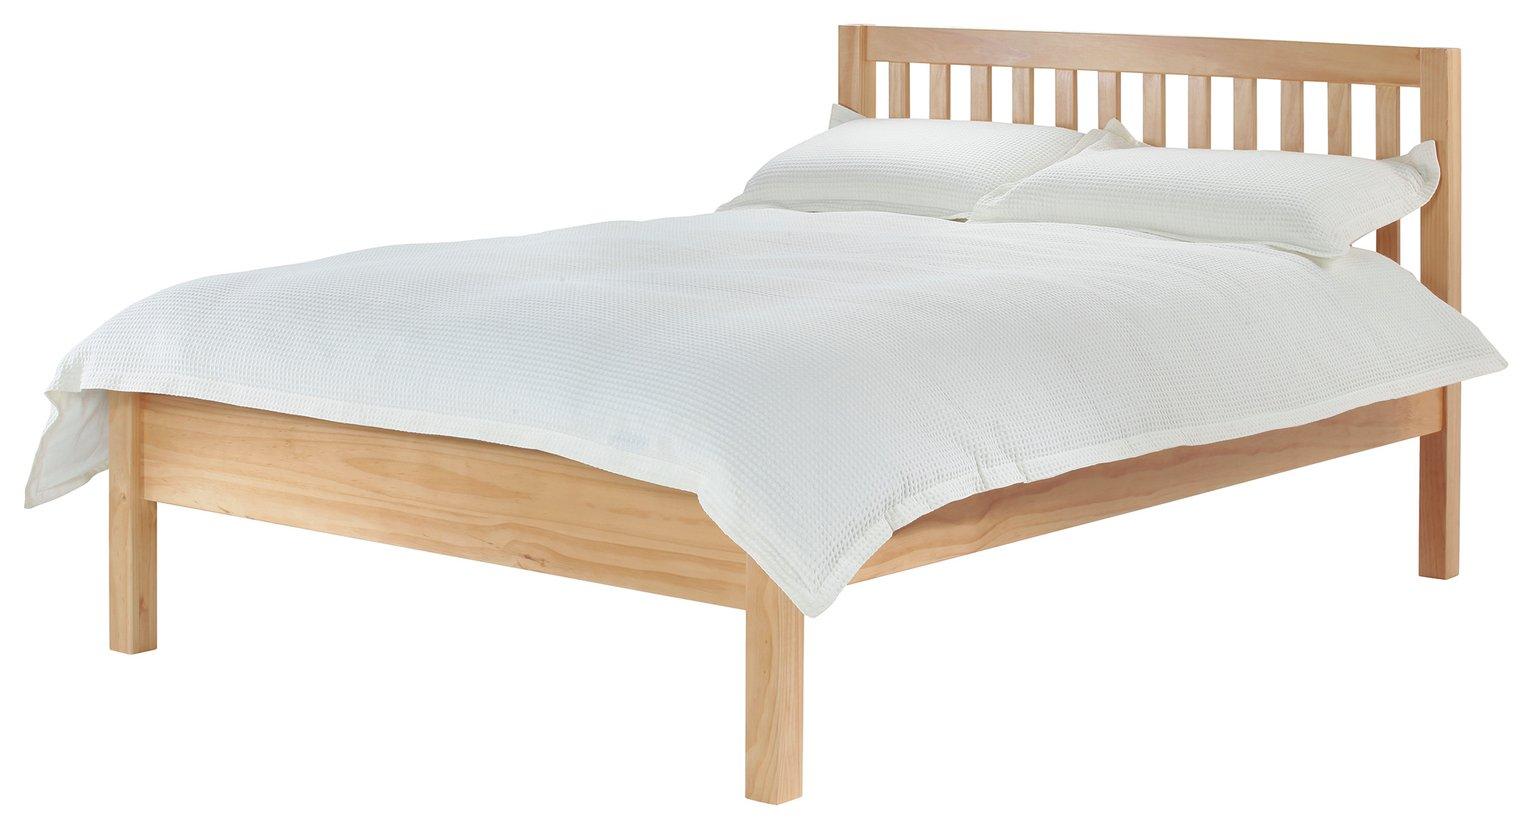 Silentnight Hayes Kingsize Bed Frame - Pine